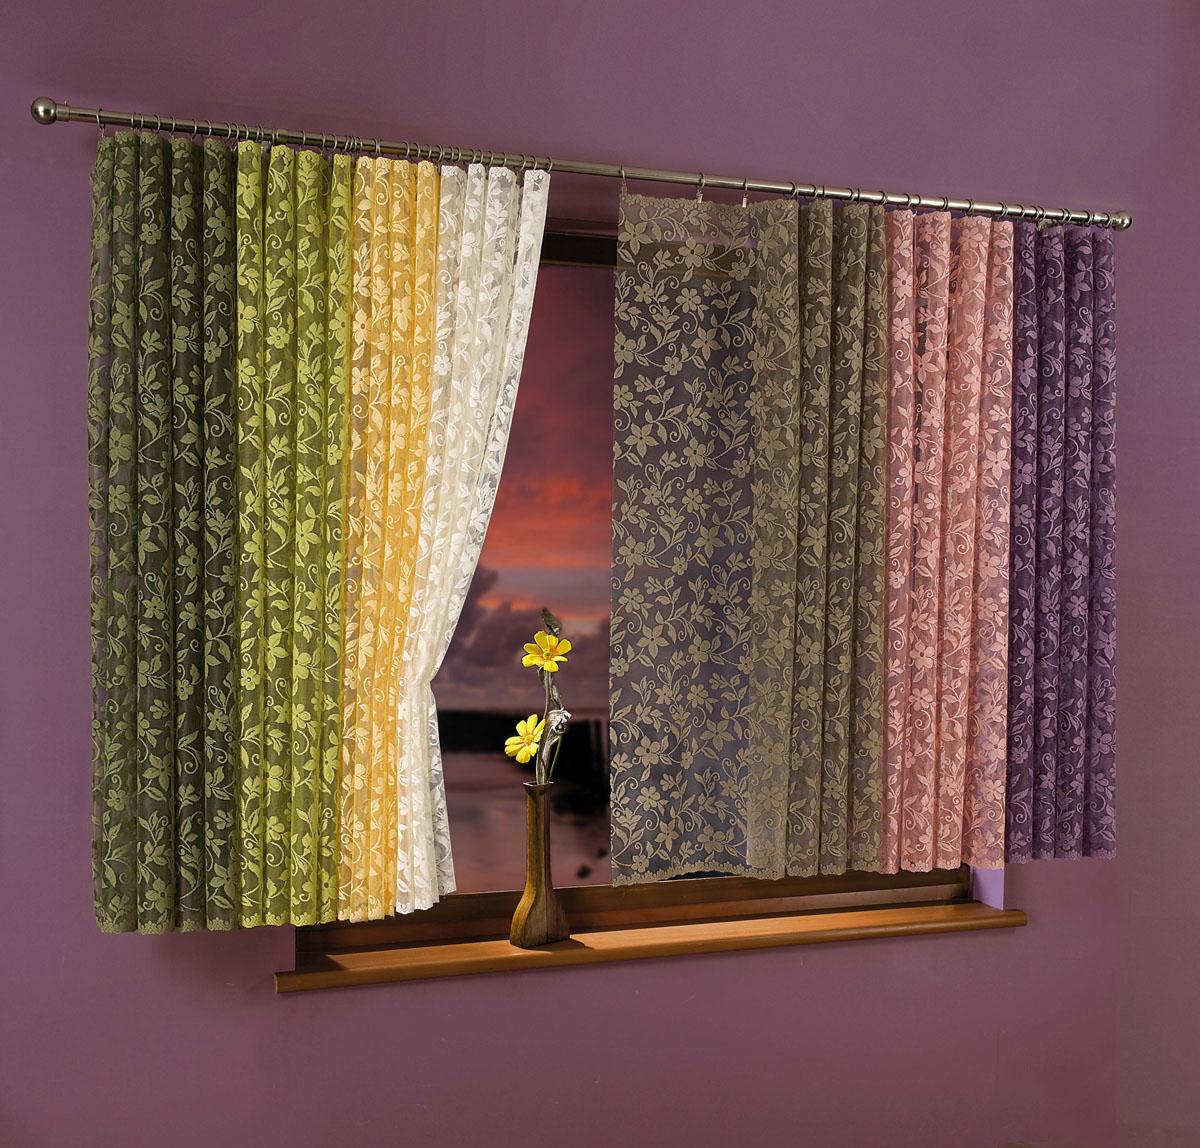 Гардина-тюль Kwiat Jabloni, на ленте, цвет: фиолетовый, высота 250 смPANTERA SPX-2RSВоздушная гардина-тюль Kwiat Jabloni, изготовленная из полиэстера фиолетового цвета, станет великолепным украшением любого окна. Тонкое плетение, оригинальный дизайн и приятная цветовая гамма привлекут к себе внимание и органично впишутся в интерьер комнаты. В гардину-тюль вшита шторная лента. Характеристики:Материал: 100% полиэстер. Цвет: фиолетовый. Размер упаковки:27 см х 36 см х 3 см. Артикул: 734962.В комплект входит:Гардина-тюль - 1 шт. Размер (Ш х В): 150 см х 250 см. Фирма Wisan на польском рынке существует уже более пятидесяти лет и является одной из лучших польских фабрик по производству штор и тканей. Ассортимент фирмы представлен готовыми комплектами штор для гостиной, детской, кухни, а также текстилем для кухни (скатерти, салфетки, дорожки, кухонные занавески). Модельный ряд отличает оригинальный дизайн, высокое качество. Ассортимент продукции постоянно пополняется.УВАЖАЕМЫЕ КЛИЕНТЫ!Обращаем ваше внимание на цвет изделия. Цветовой вариант гардины-тюли, данной в интерьере, служит для визуального восприятия товара. Цветовая гамма данной гардины-тюли представлена на отдельном изображении фрагментом ткани.